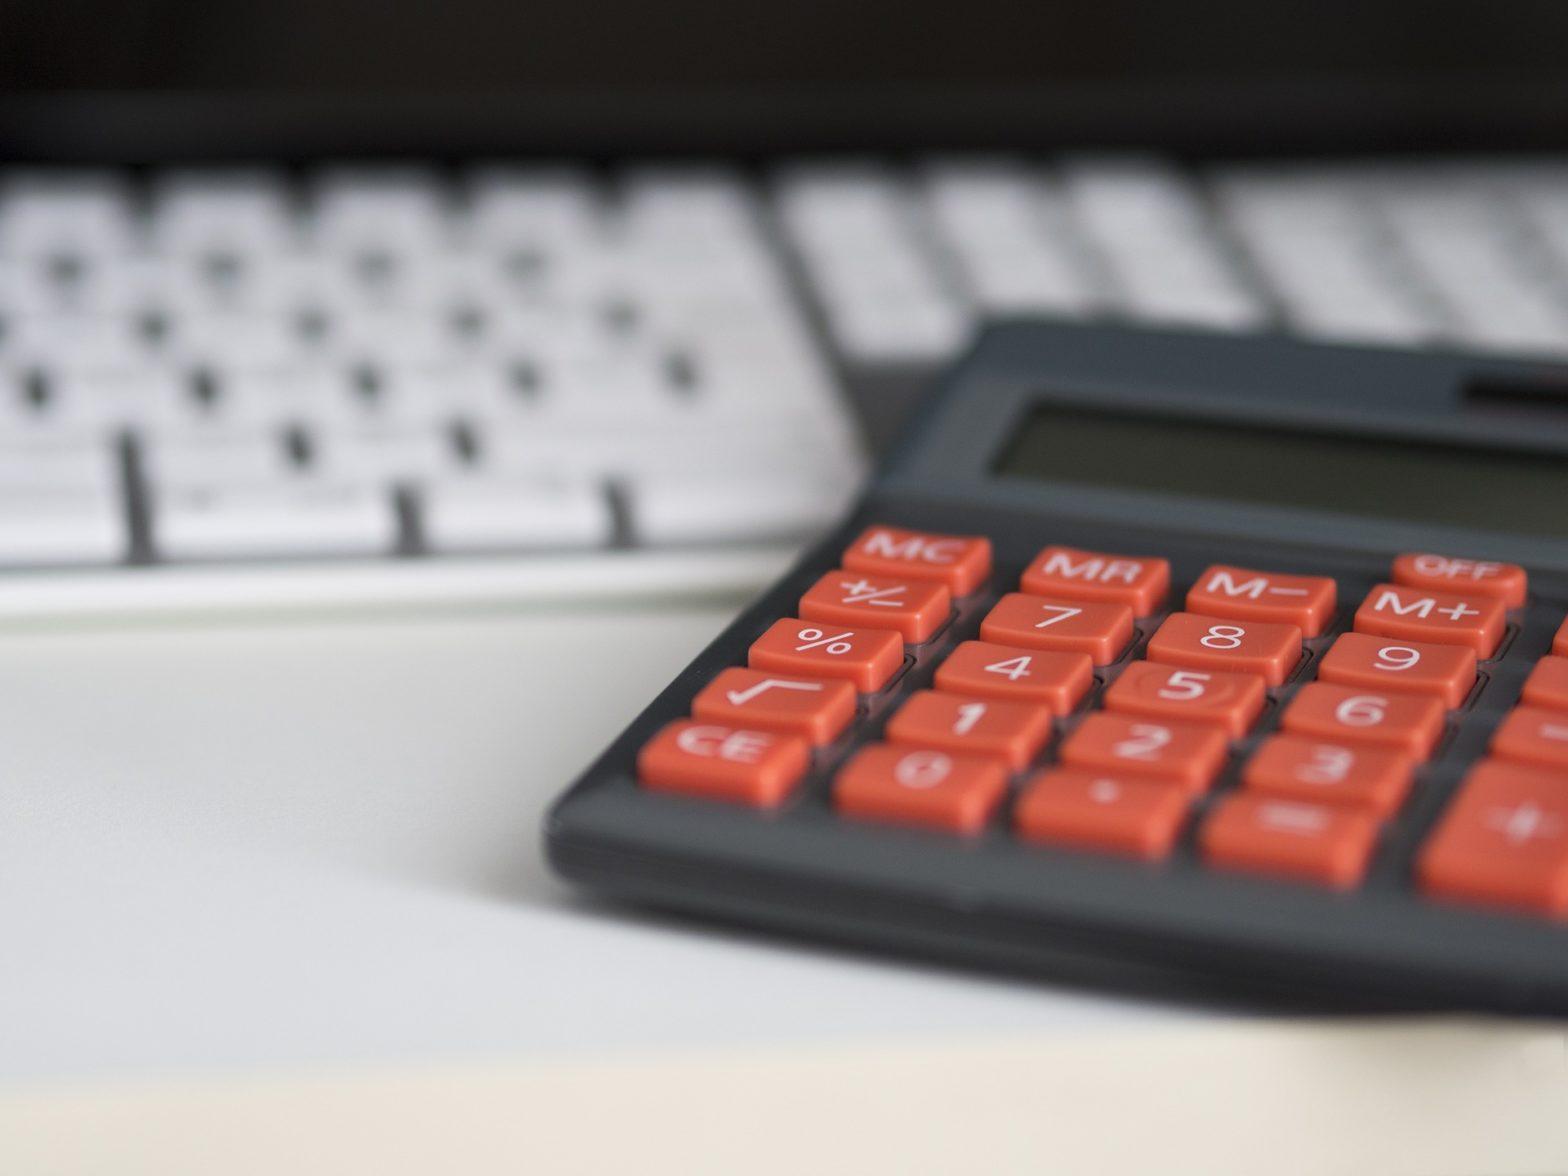 Calc-budget